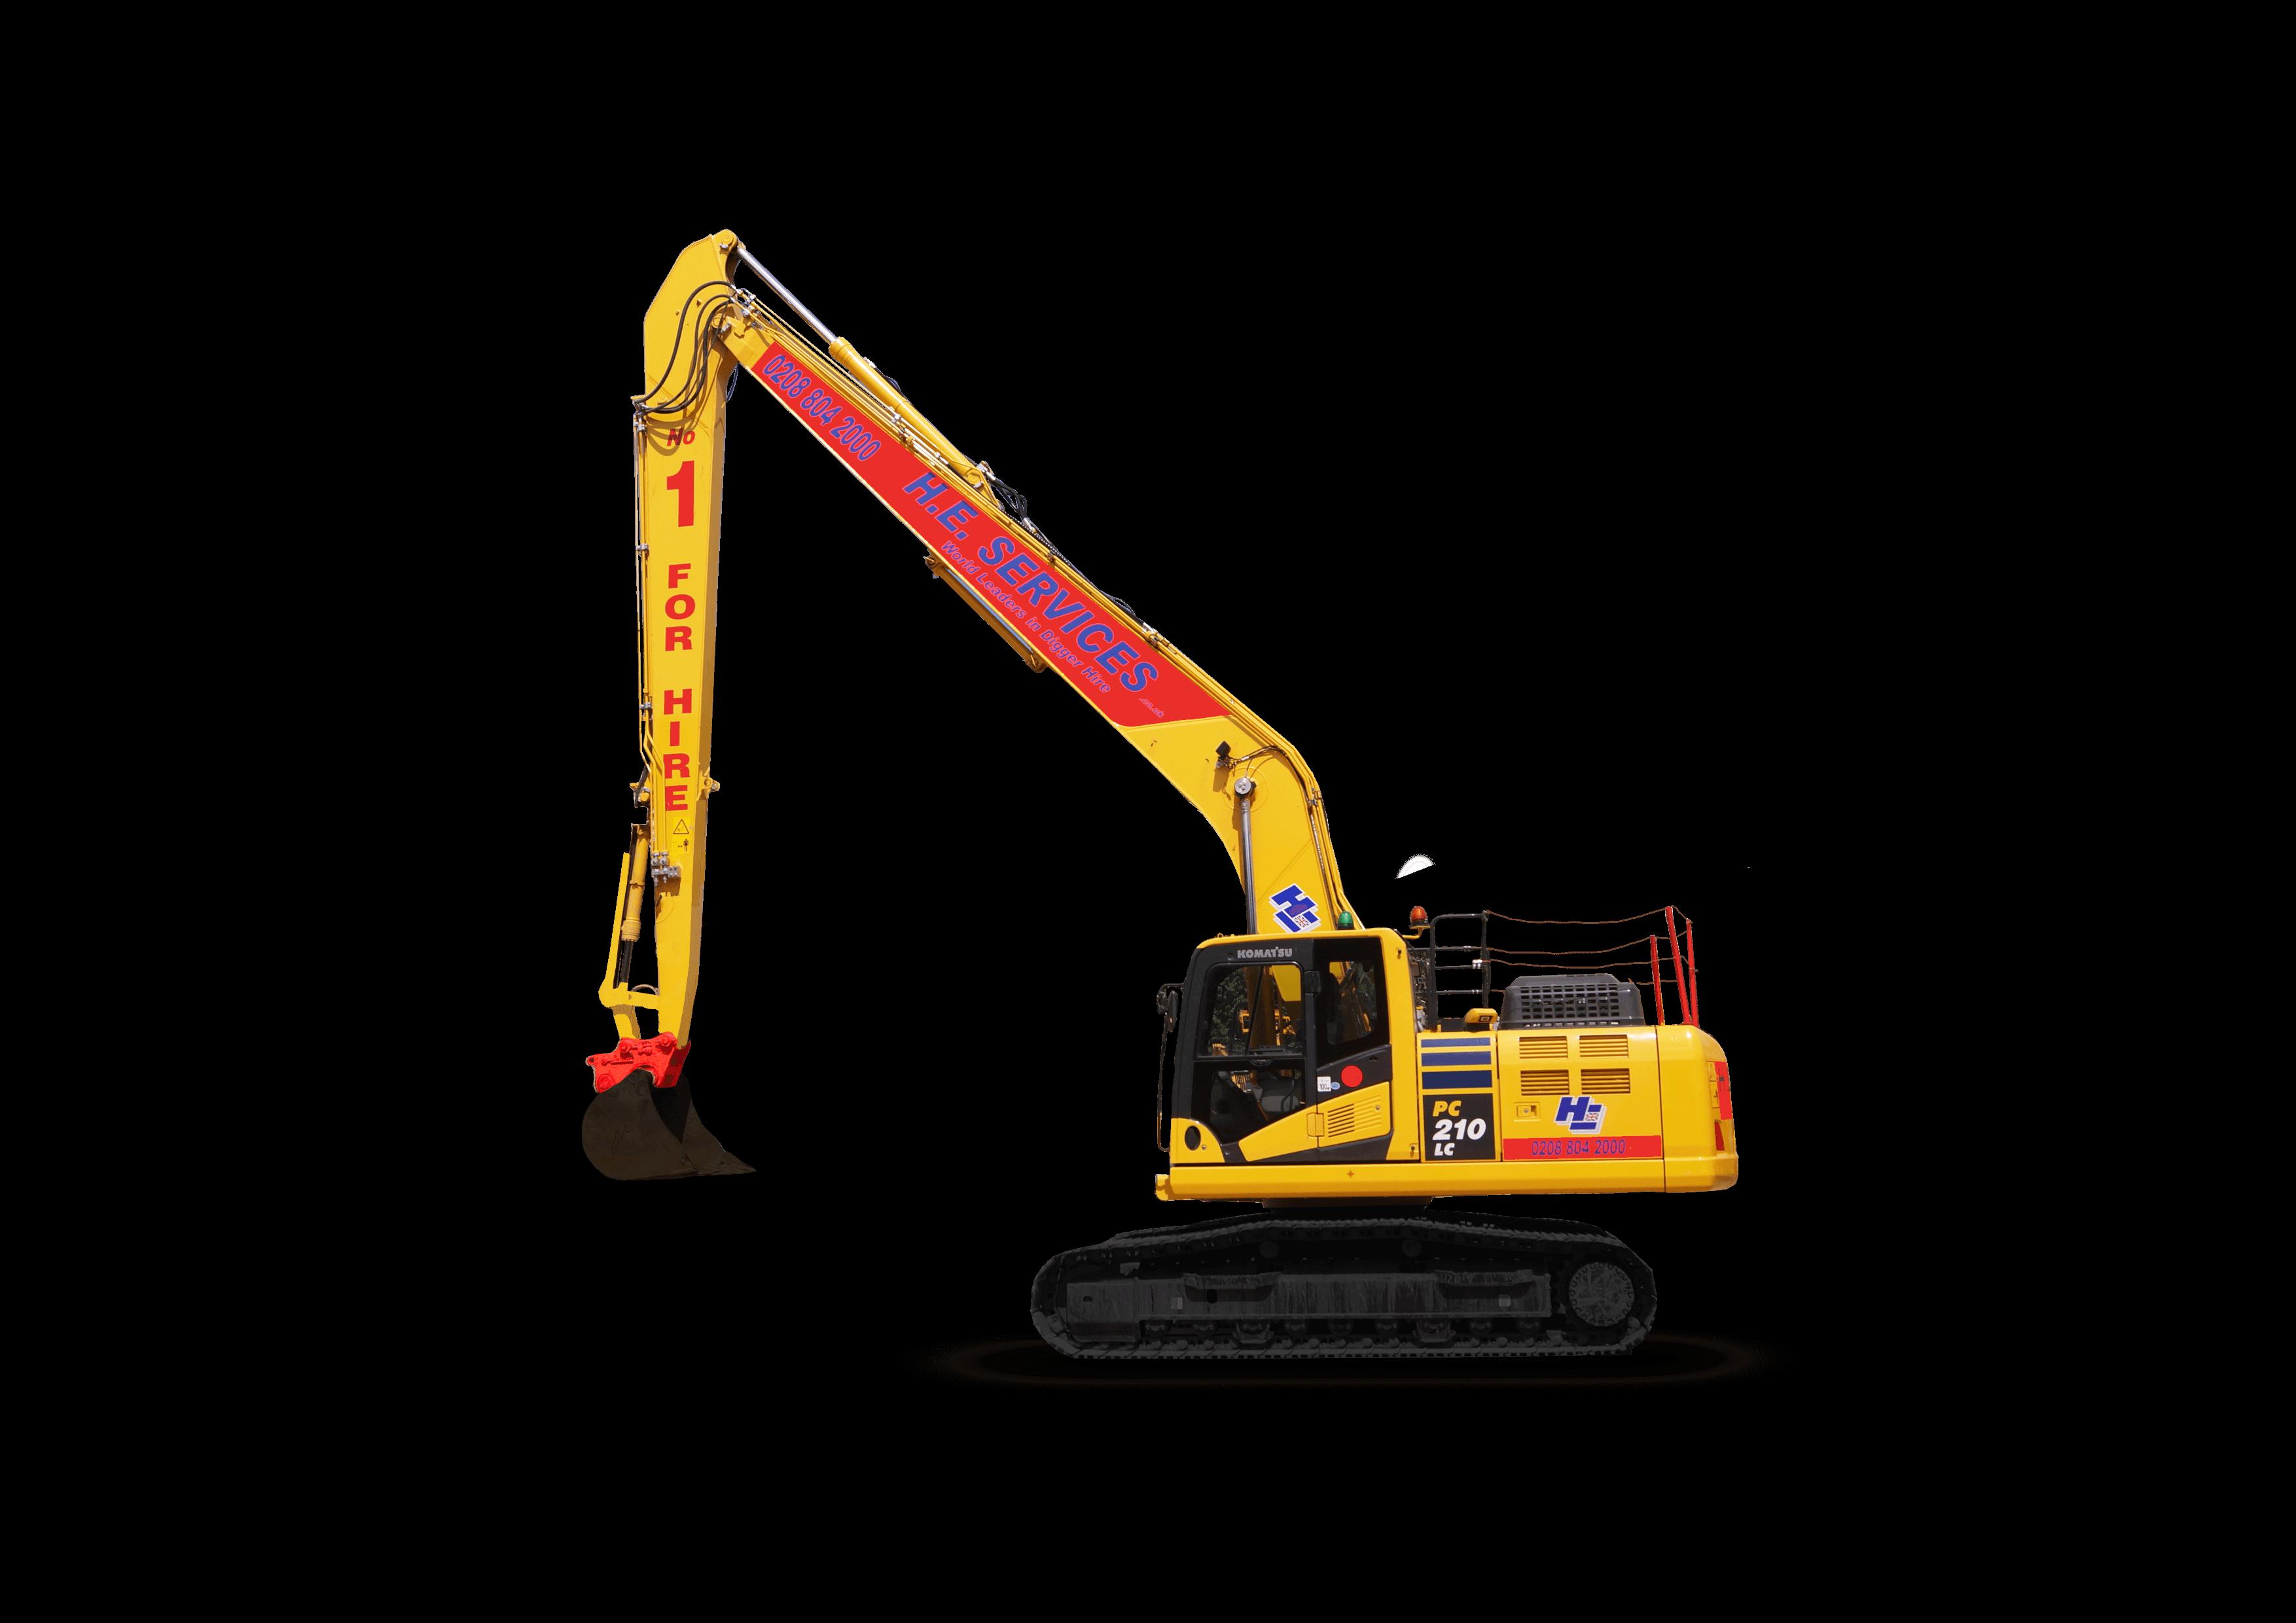 15 meter Long Reach Excavator